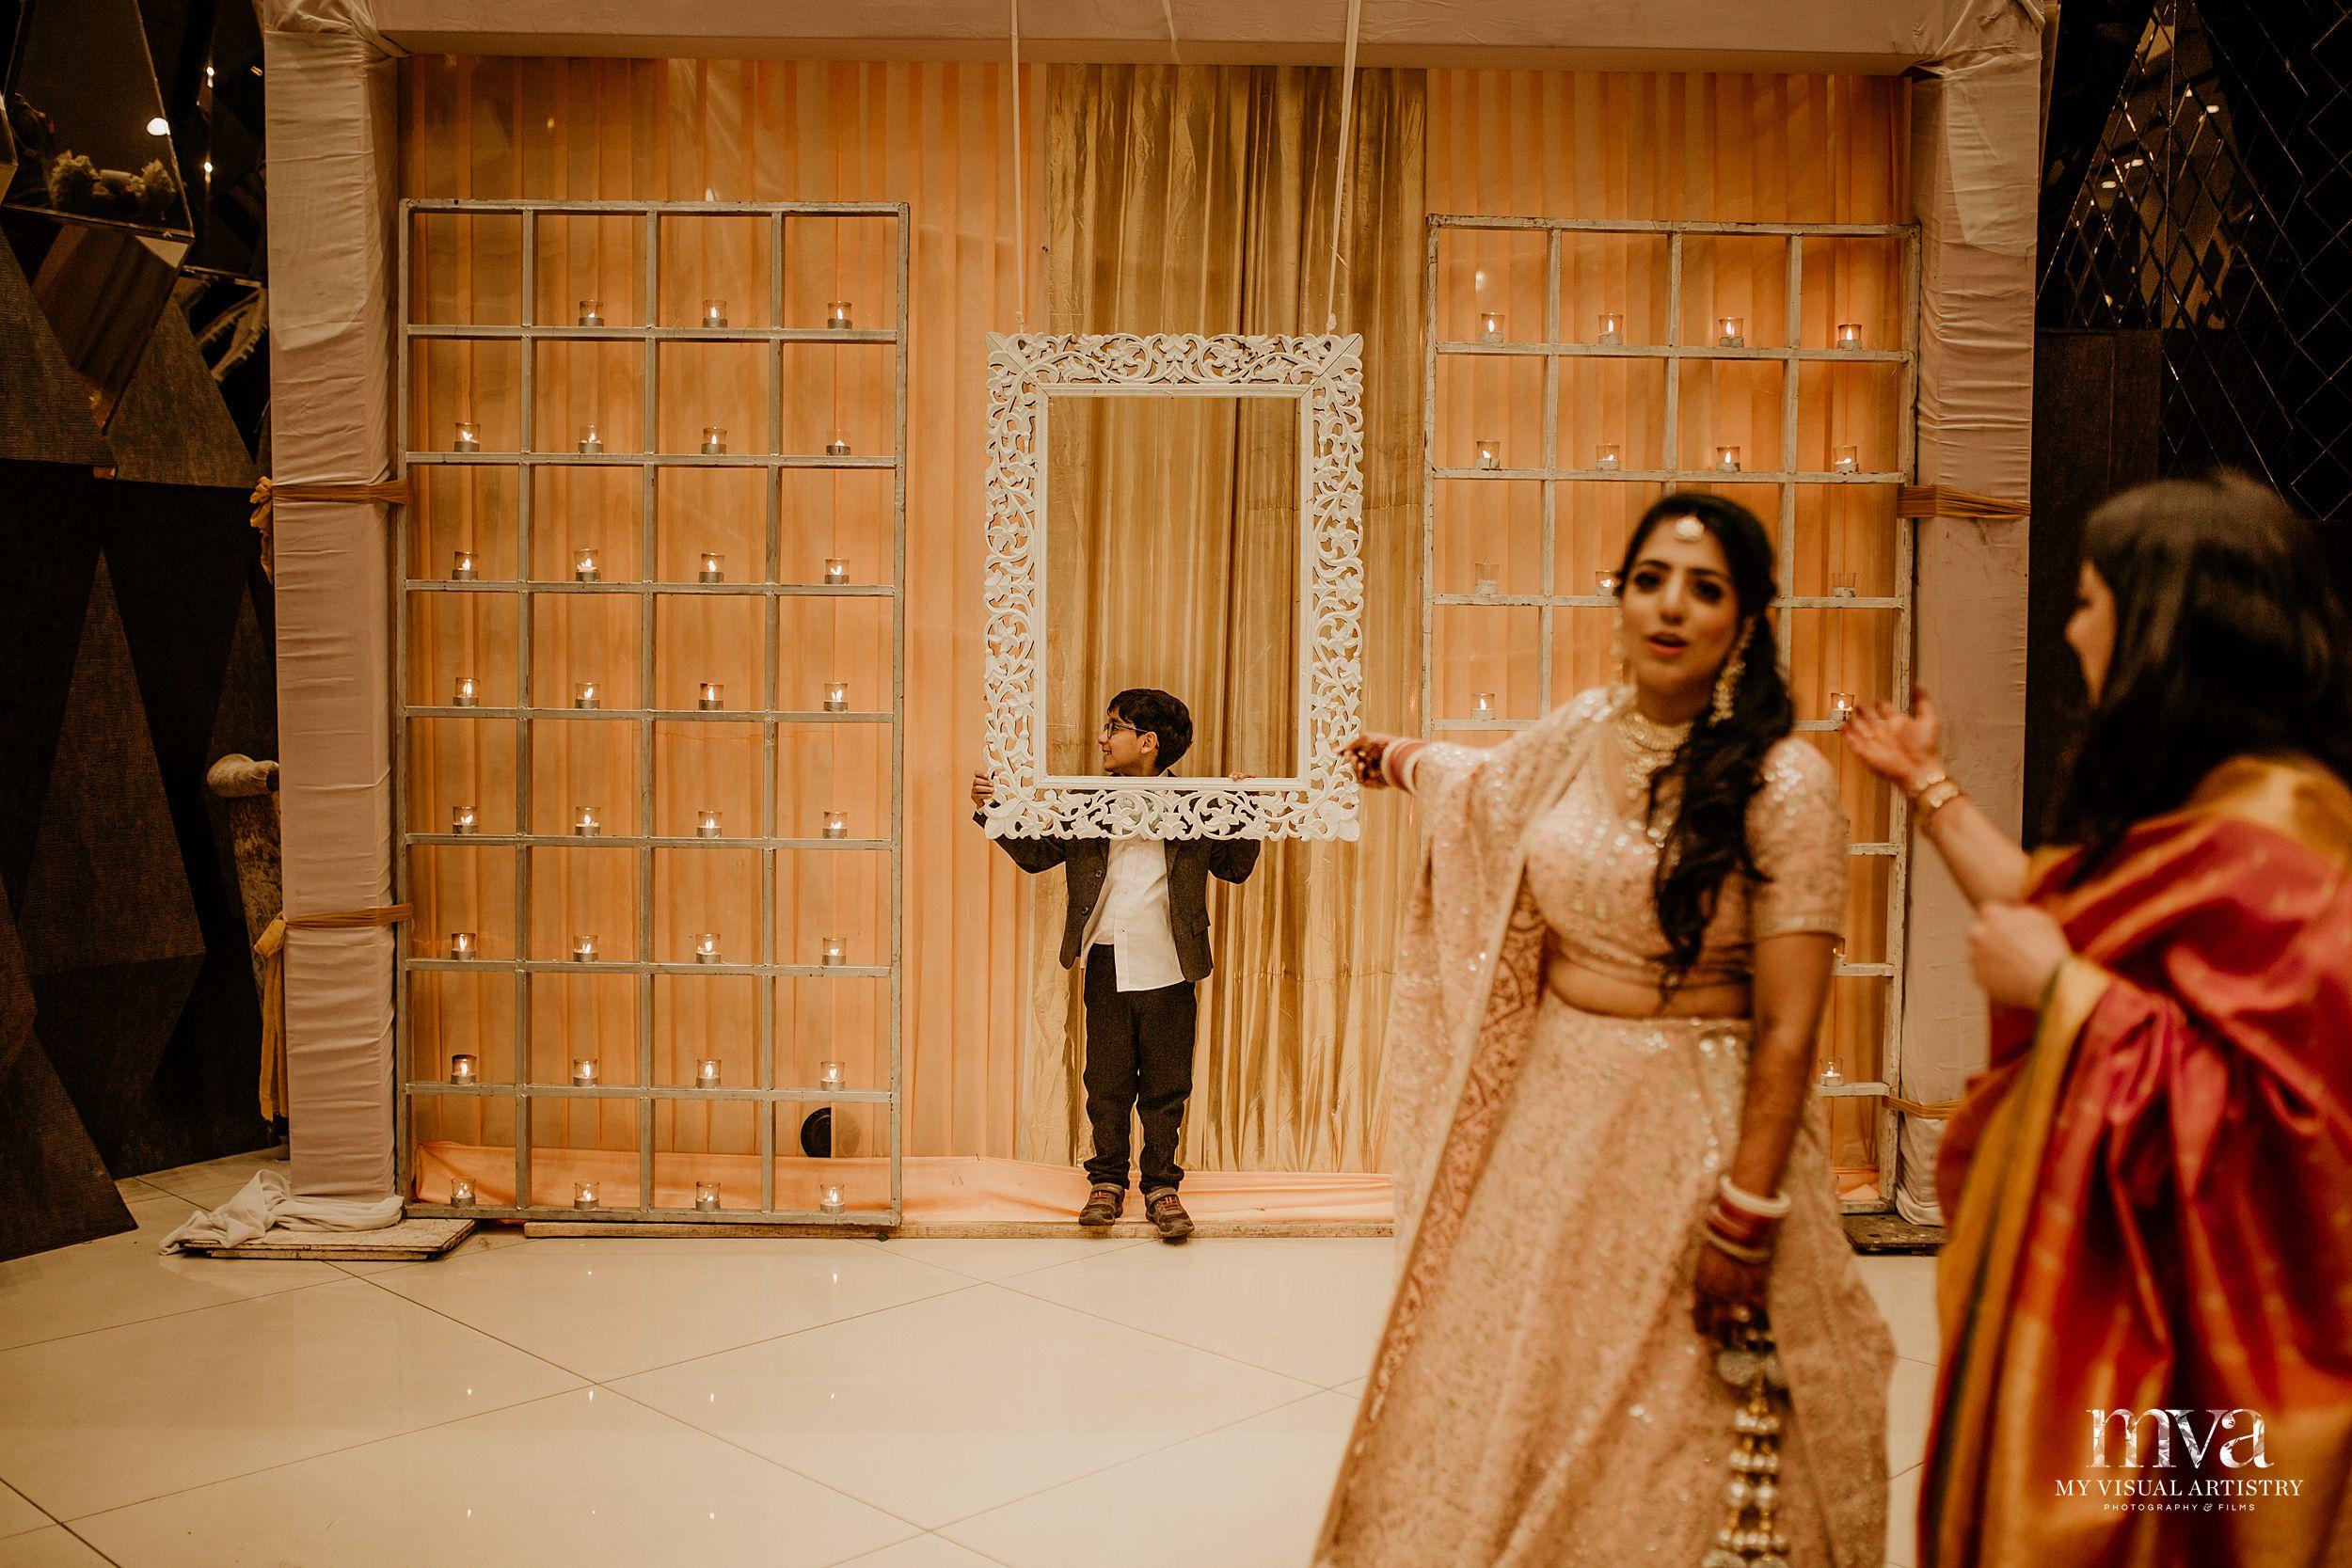 anant_arundhati_myvisualartistry_mva_wedding_sikh_ - 415.jpg